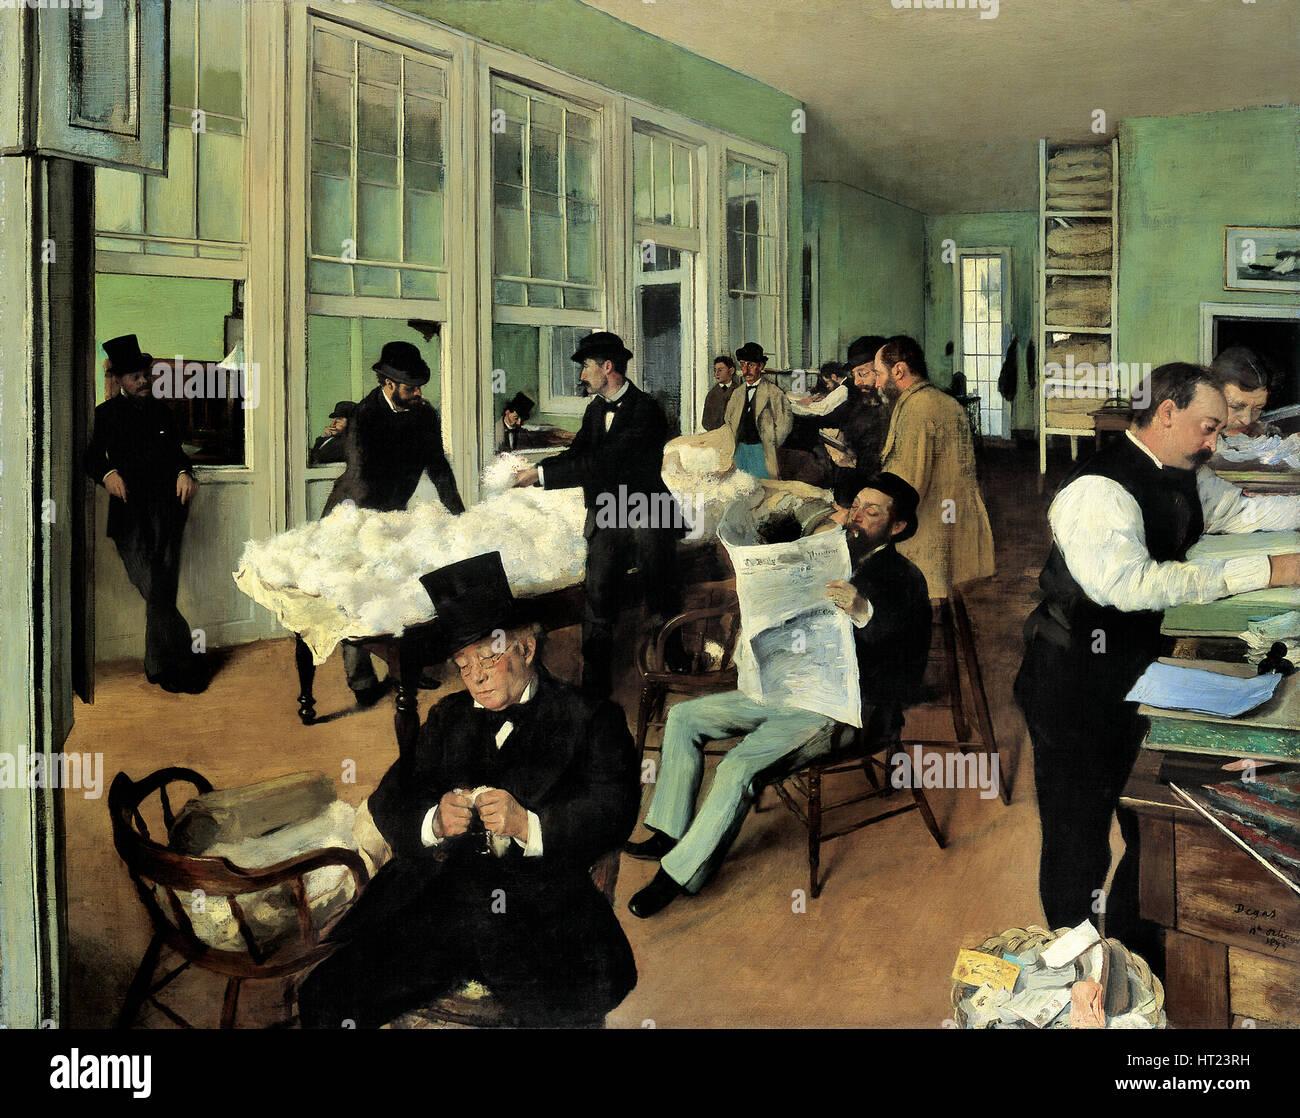 Un ufficio di cotone a New Orleans (Le Bureau de coton à La Nouvelle-Orléans), 1873. Artista: Degas Edgar (1834-1917) Foto Stock